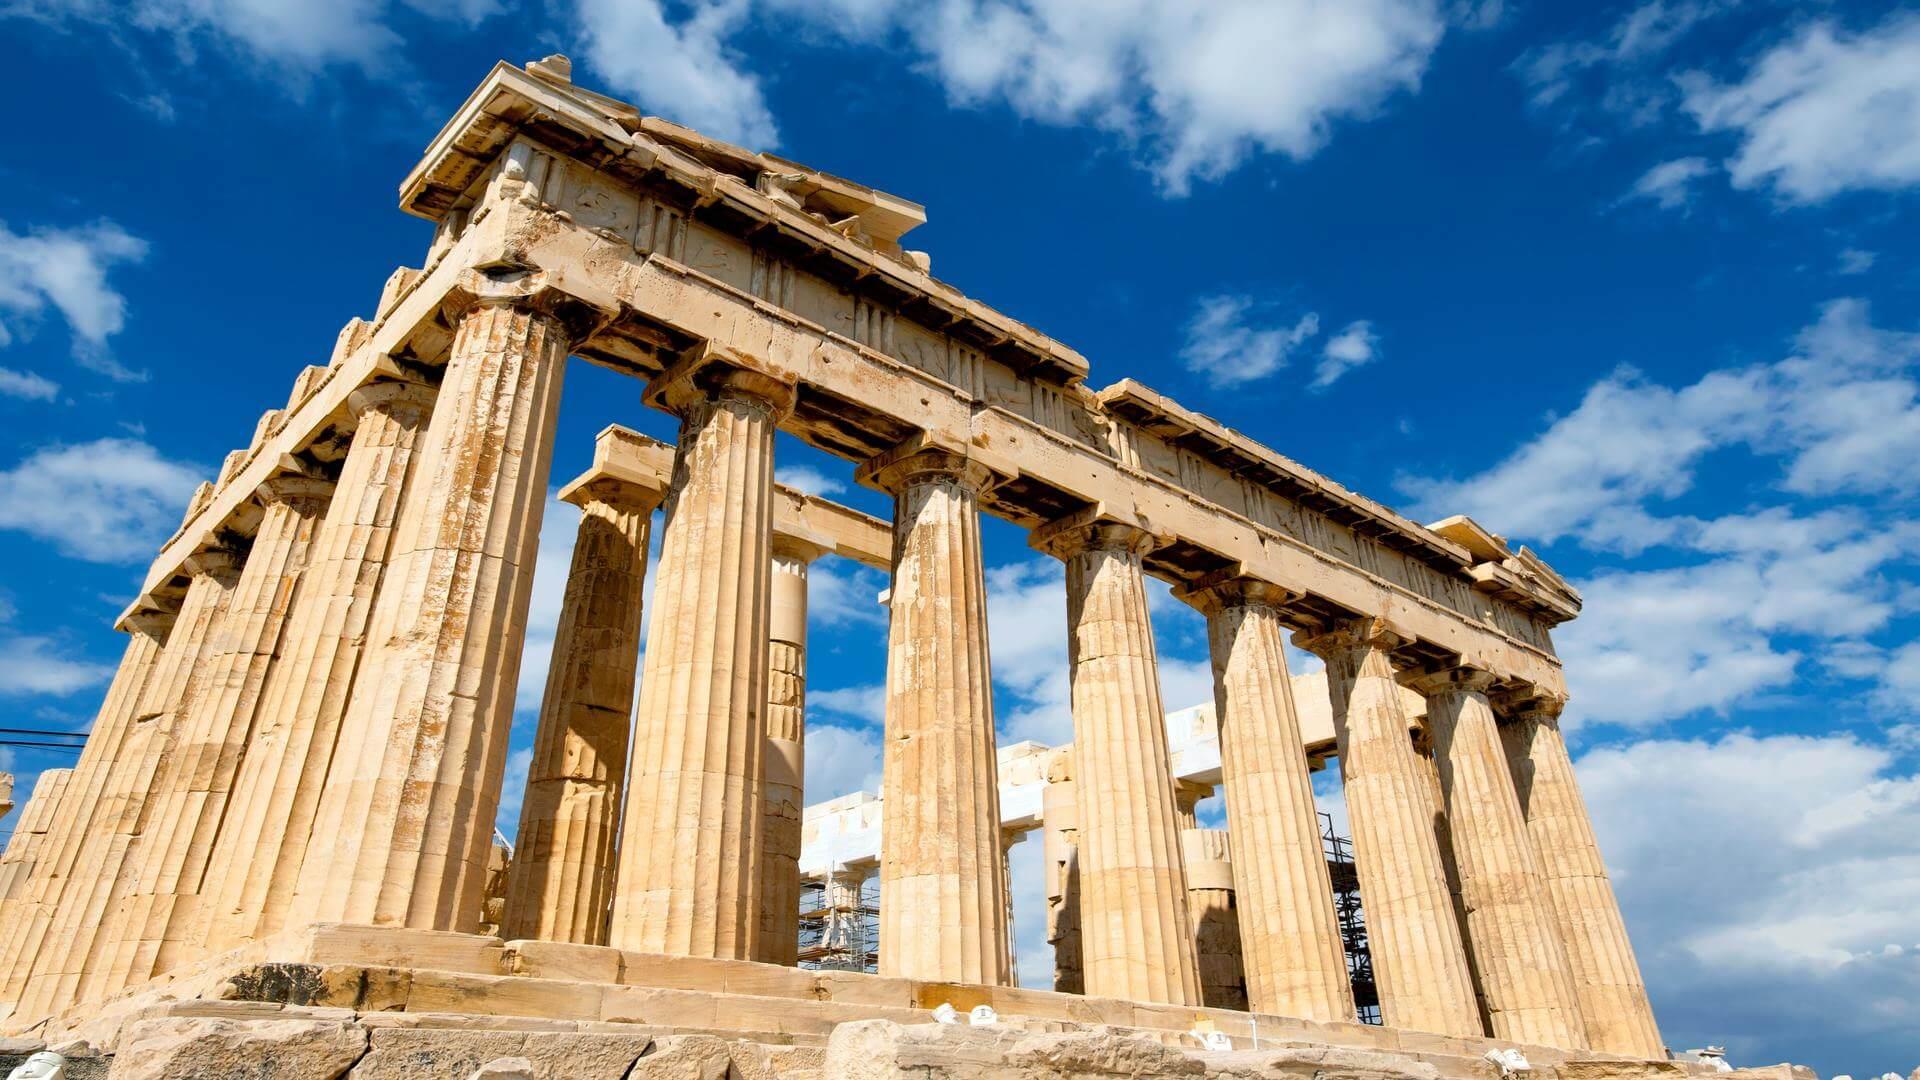 Ο Παρθενώνας είναι το μεγαλύτερο οικοδόμημα της Ακρόπολης και συγκεντρώνει τον θαυμασμό